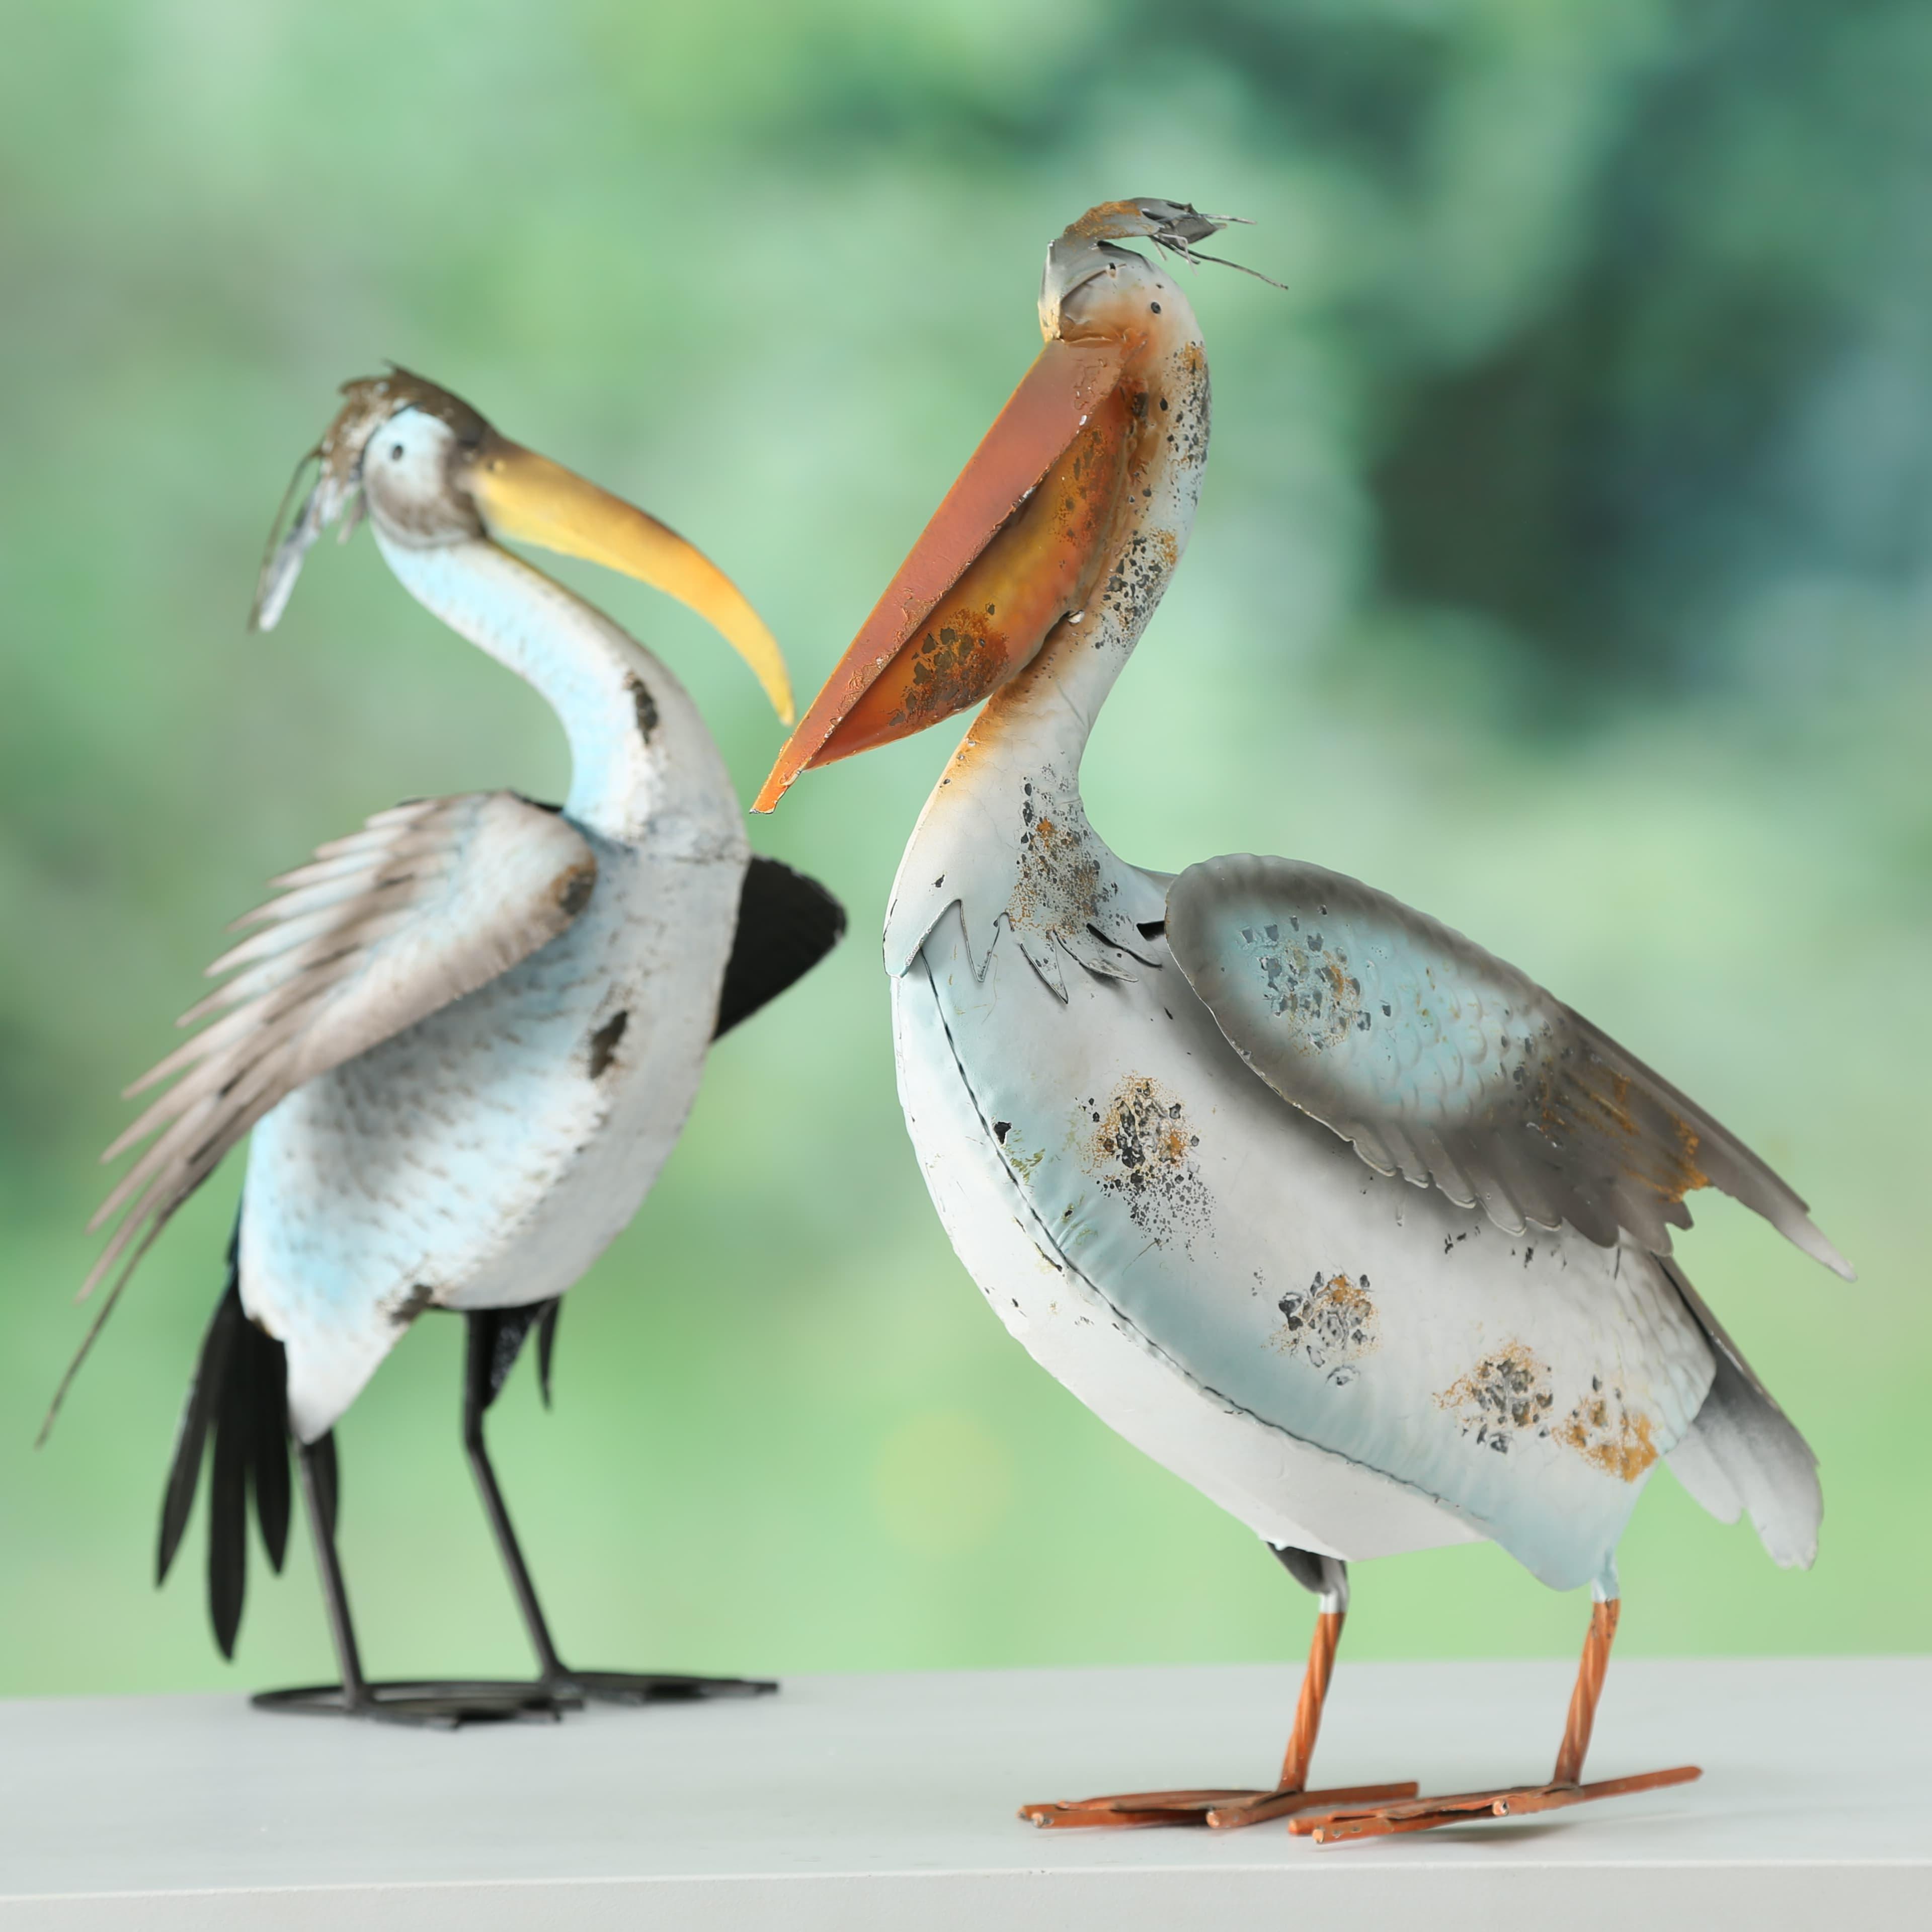 Decoratiune metalica Jerry Bird Multicolor, Modele Asortate, l41xA18xH65 cm